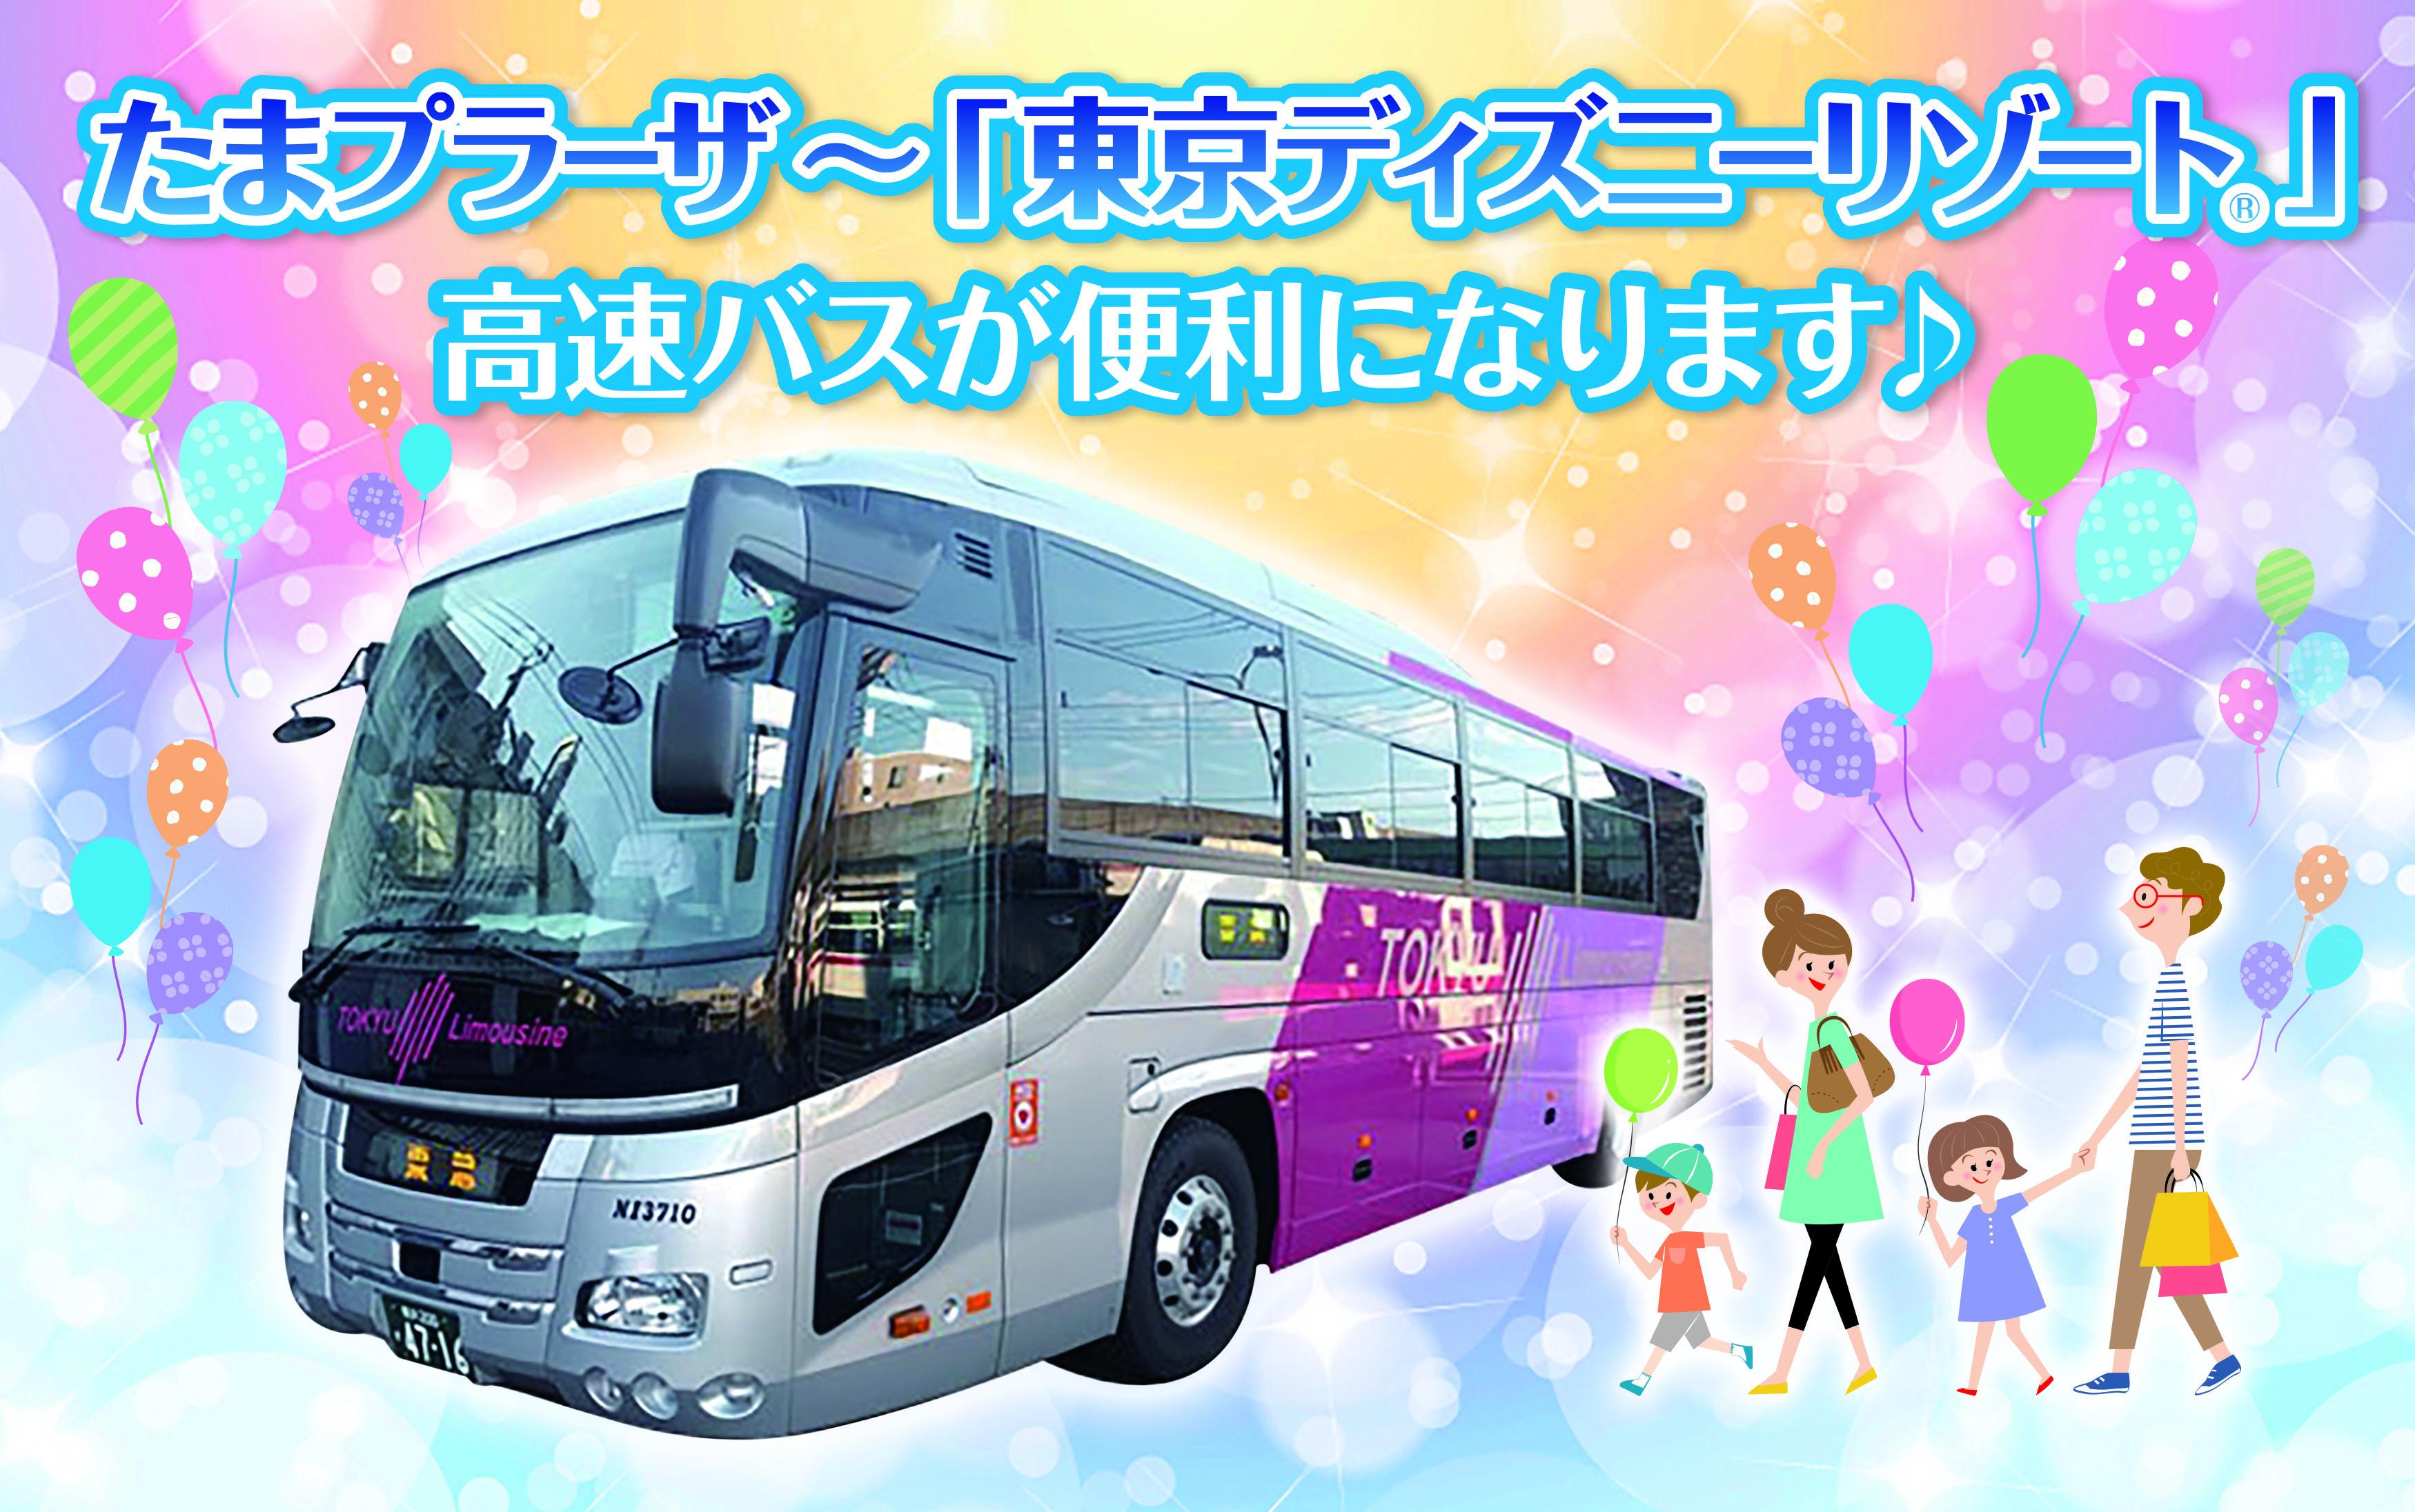 たまプラーザ〜「東京ディズニーリゾート®」 高速バスが便利になります